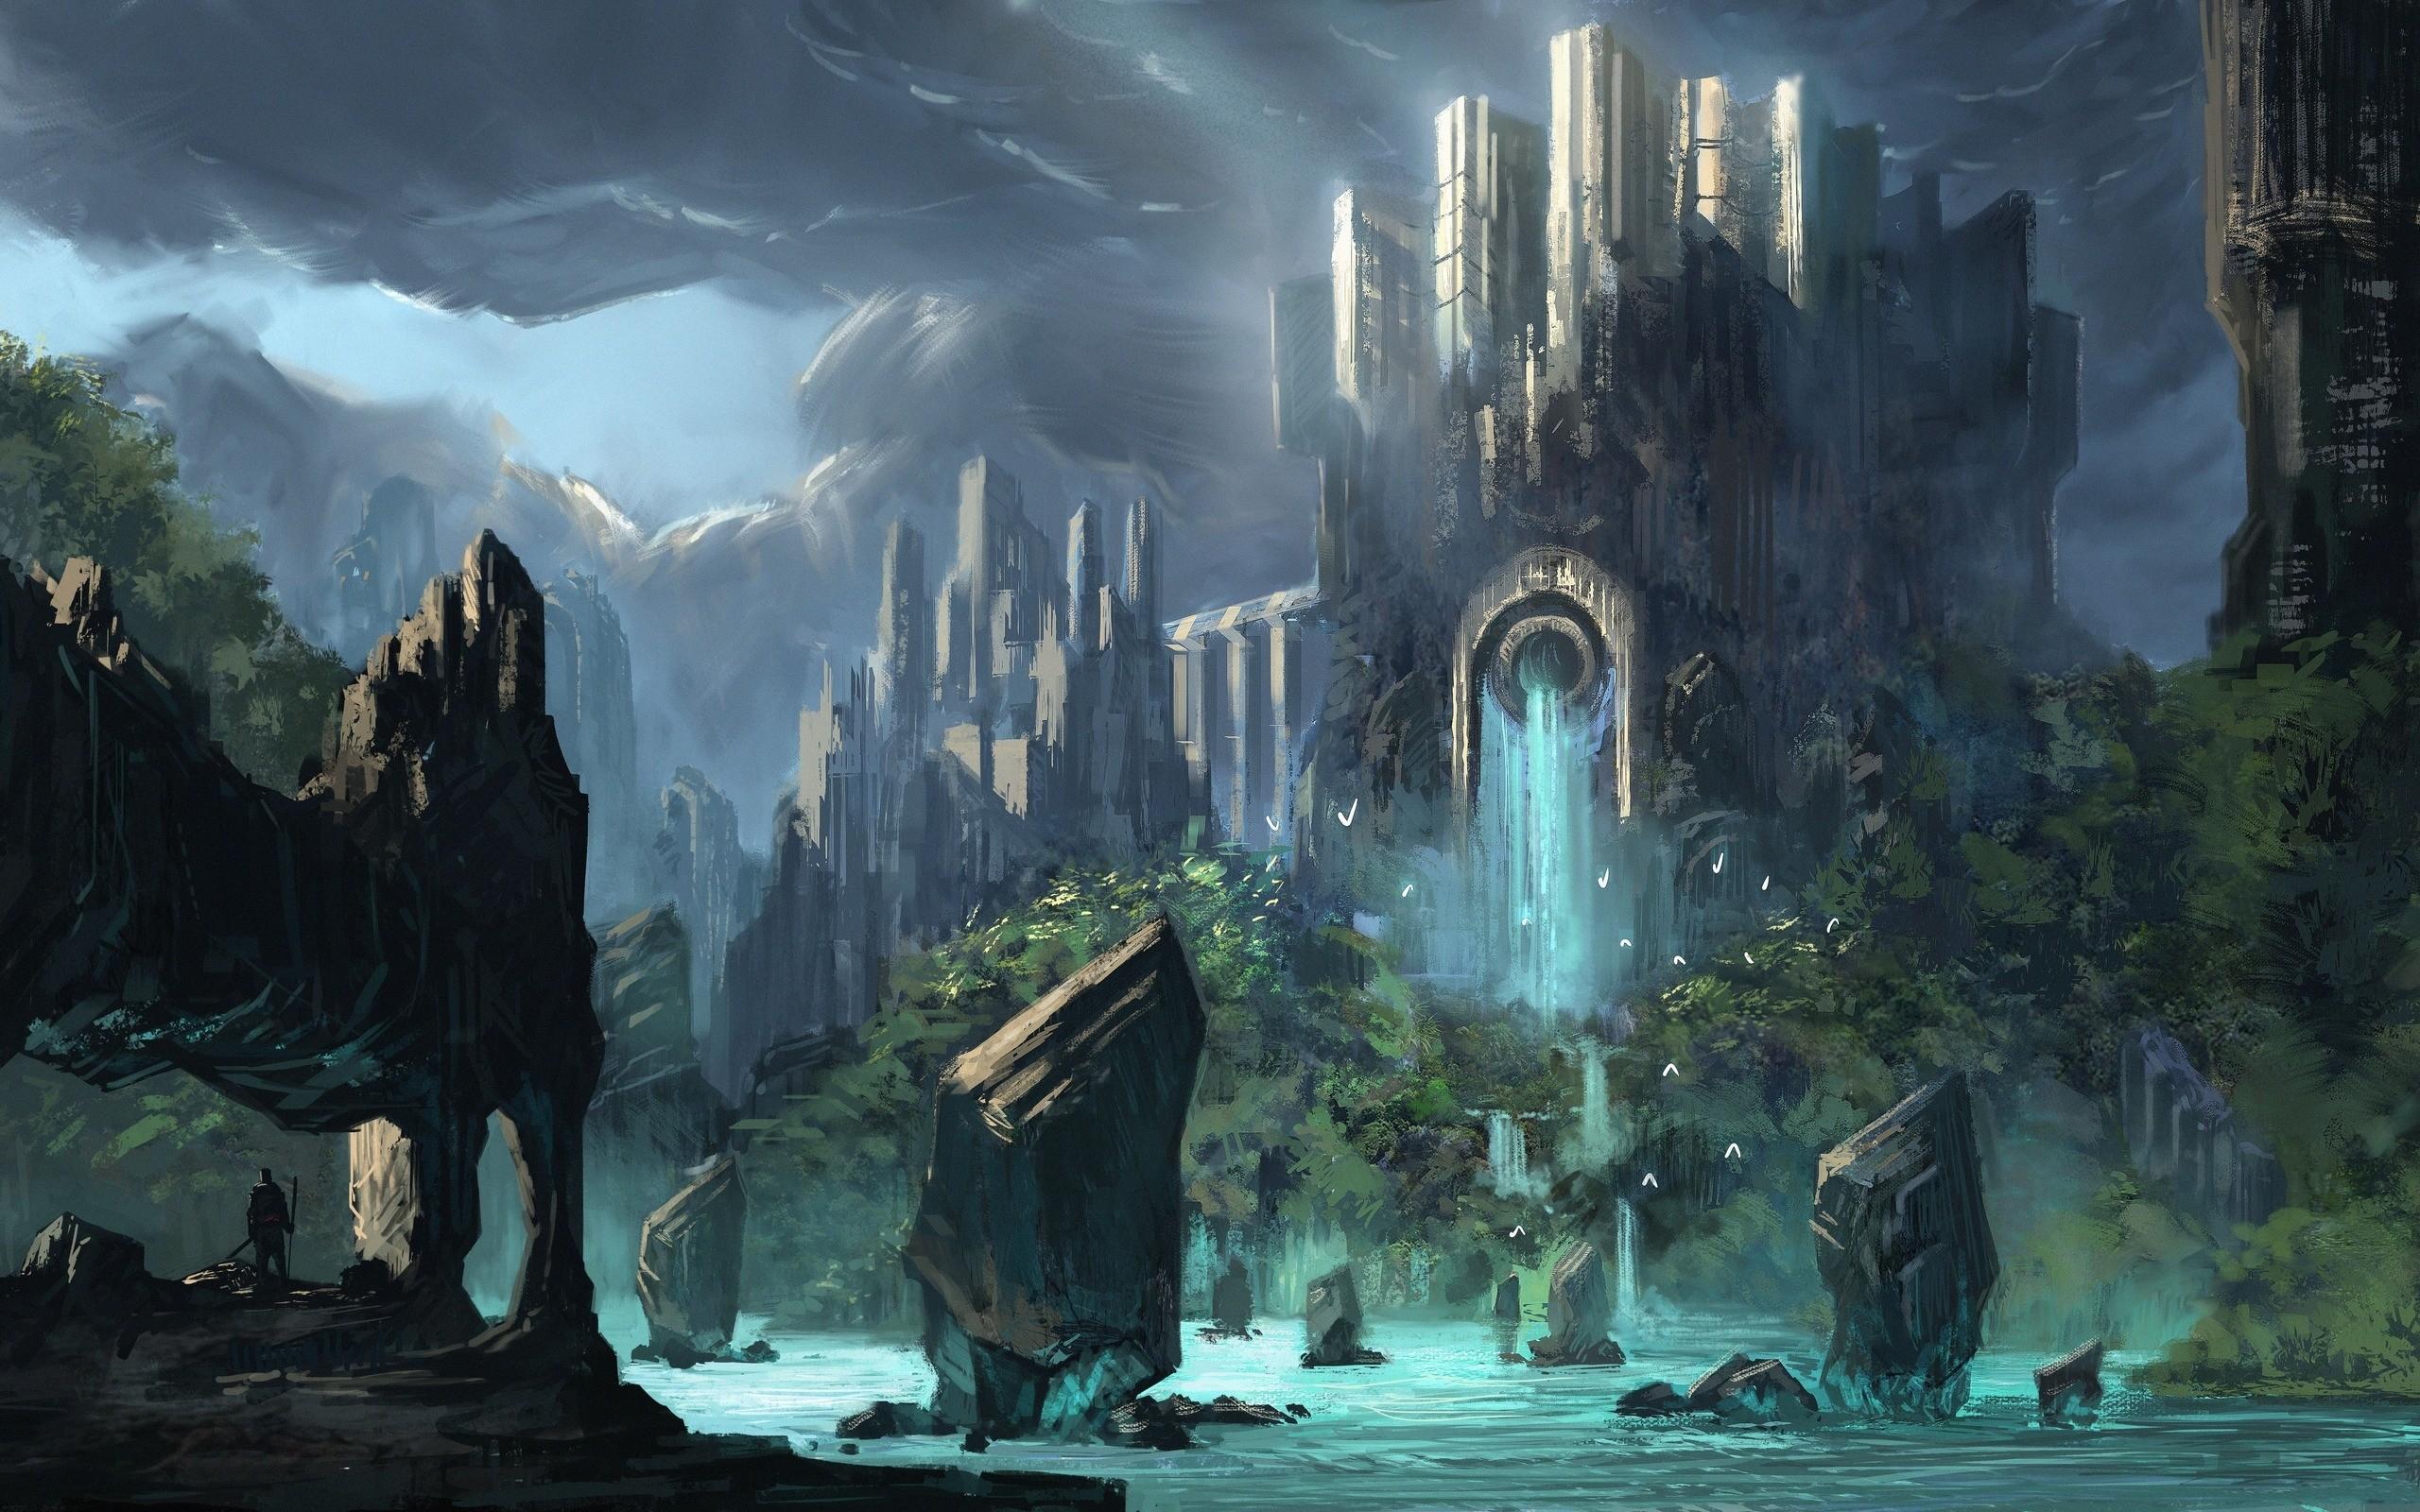 Fantasy softcore scenes